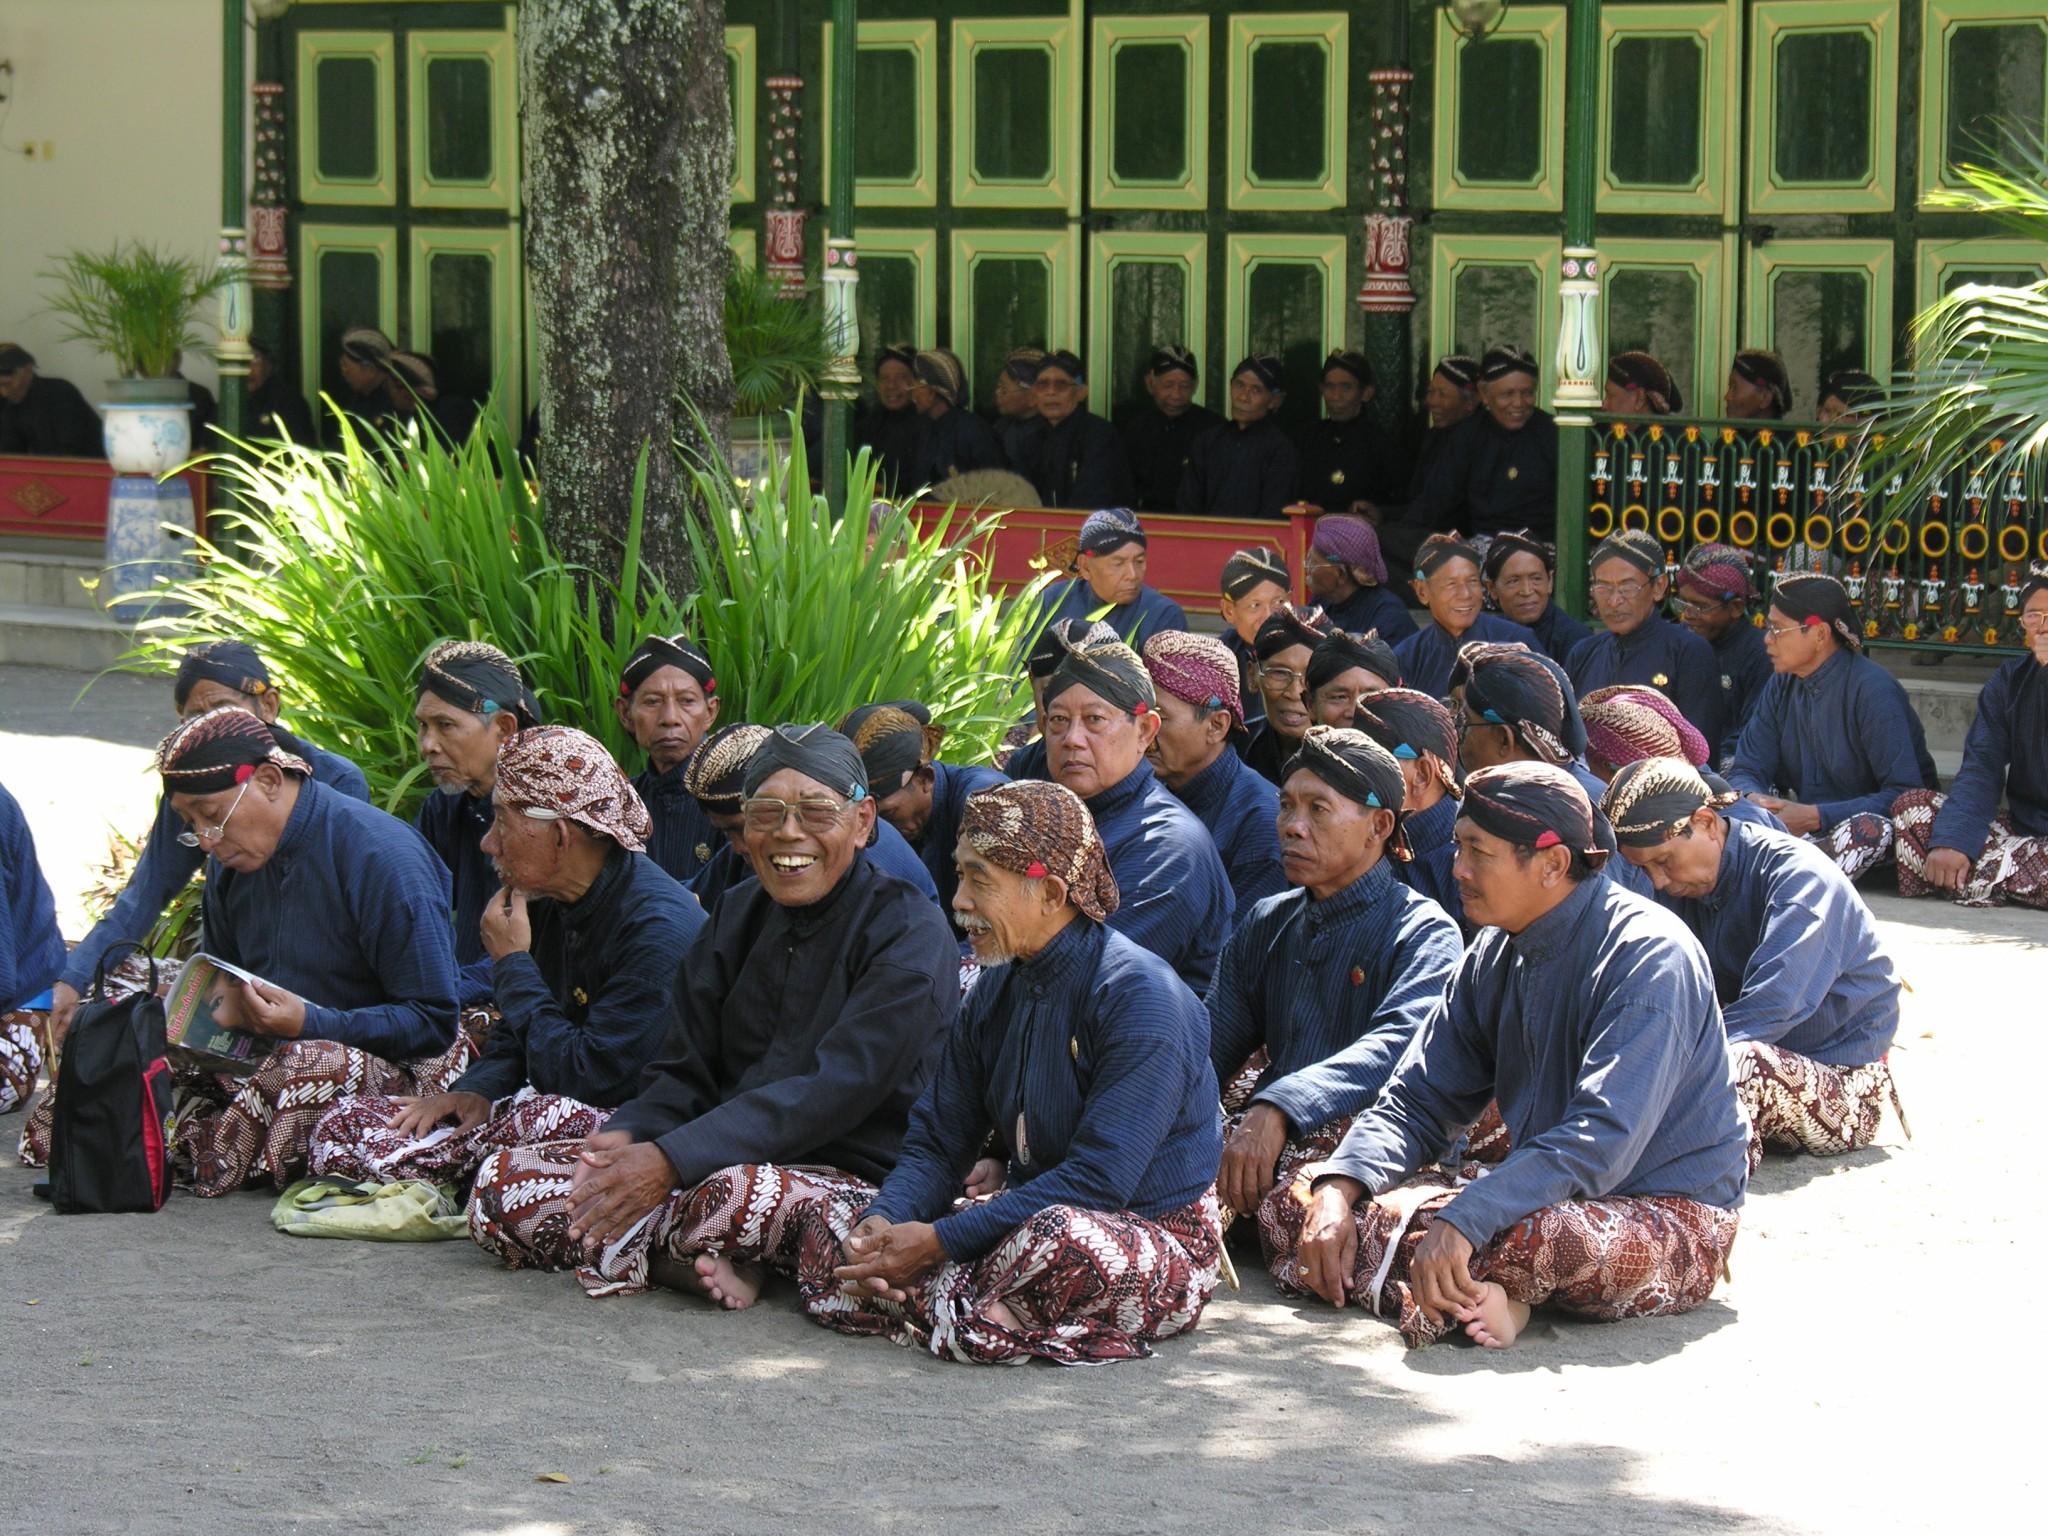 Indonesië, paleiswachters in het kraton van Yogyakarta